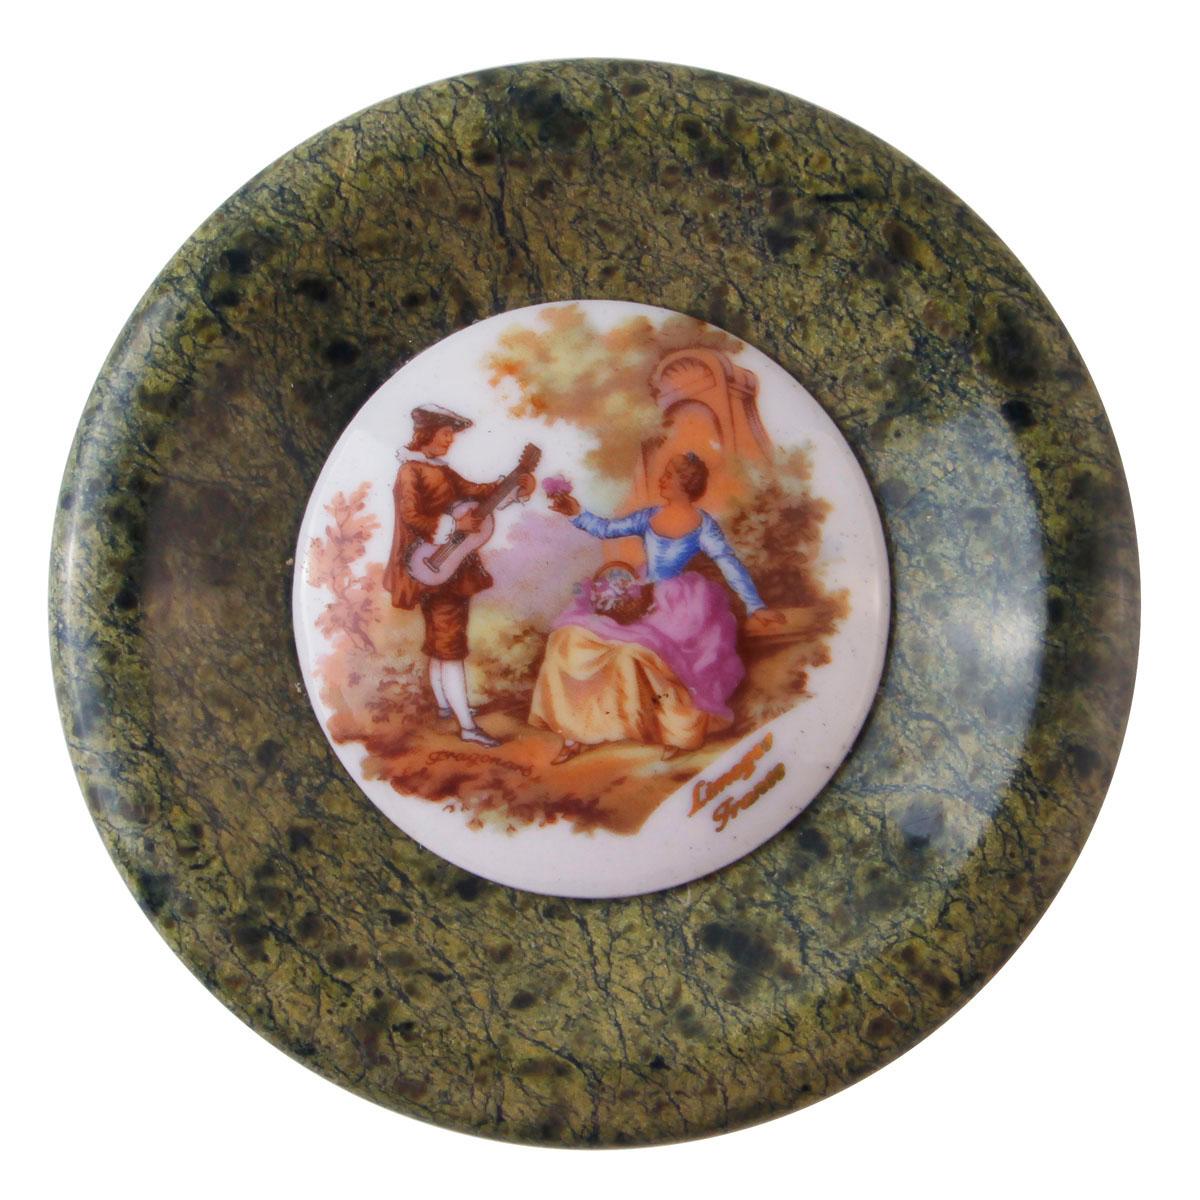 Пепельница Галантный век. Фарфор, роспись, змеевик. Limoges, Франция, вторая половина XX века